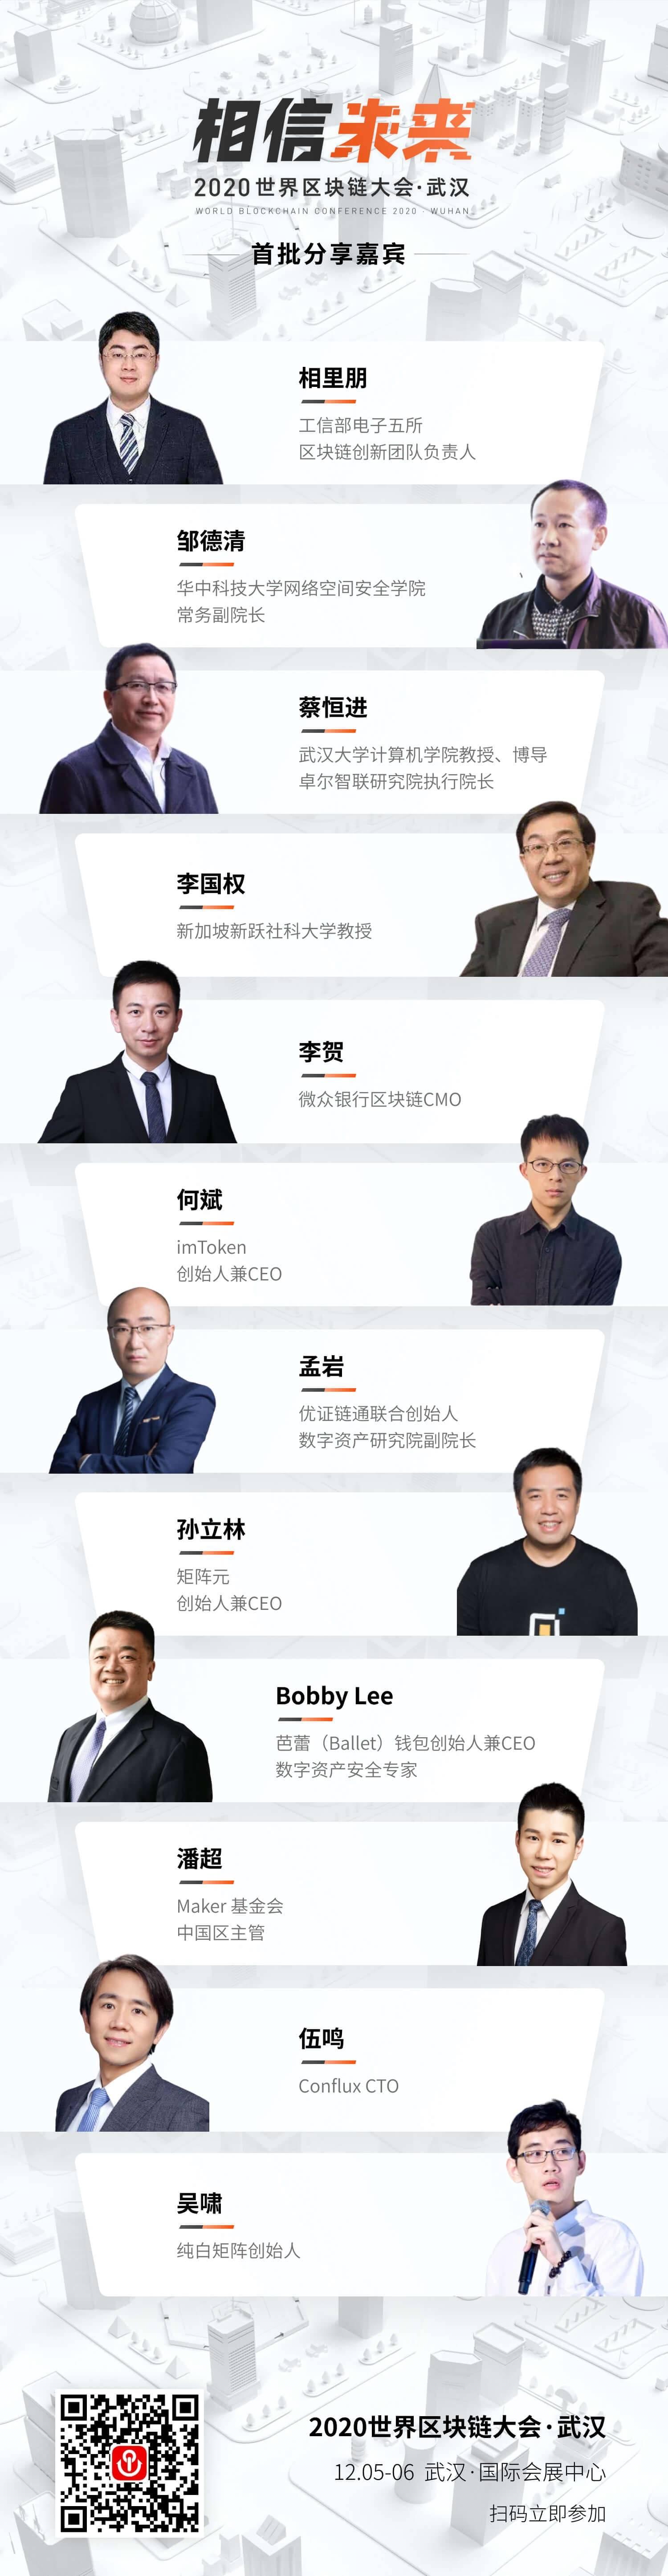 比特币突破10万RMB,区块链大势所趋?世界区块链大会·武汉12位重磅嘉宾为你揭晓